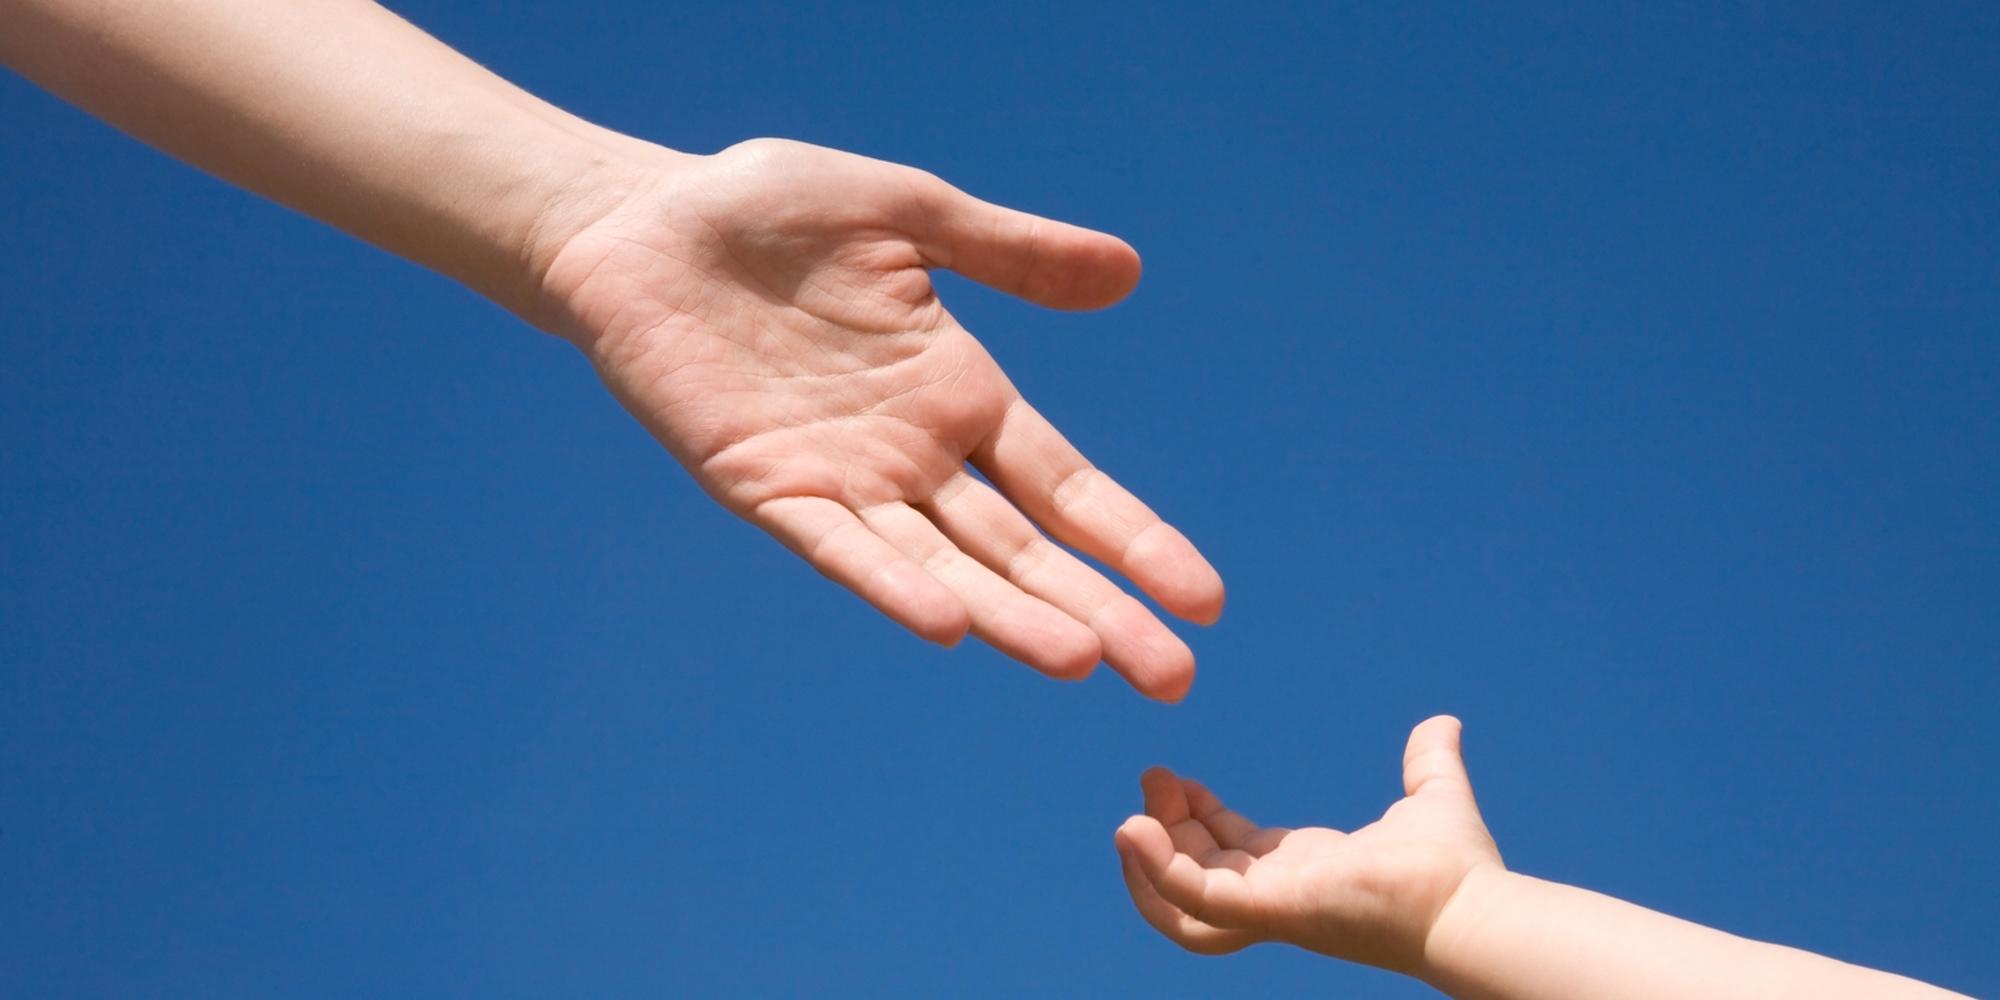 Фото рука тянется за ребенком